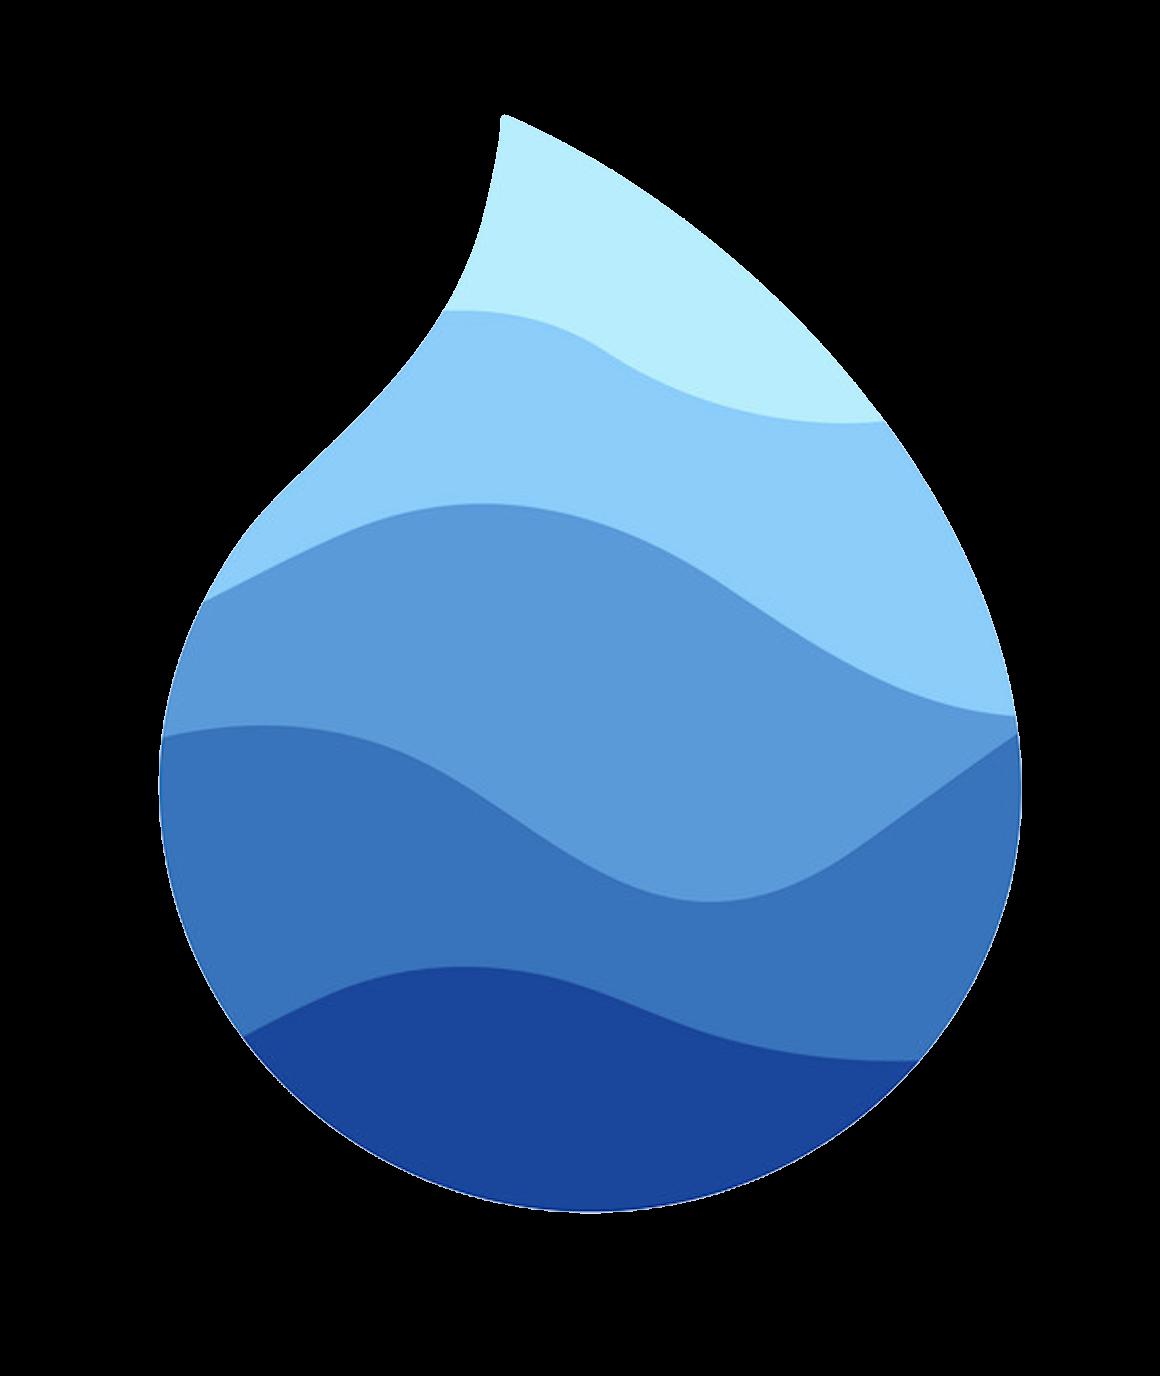 Nylo logo